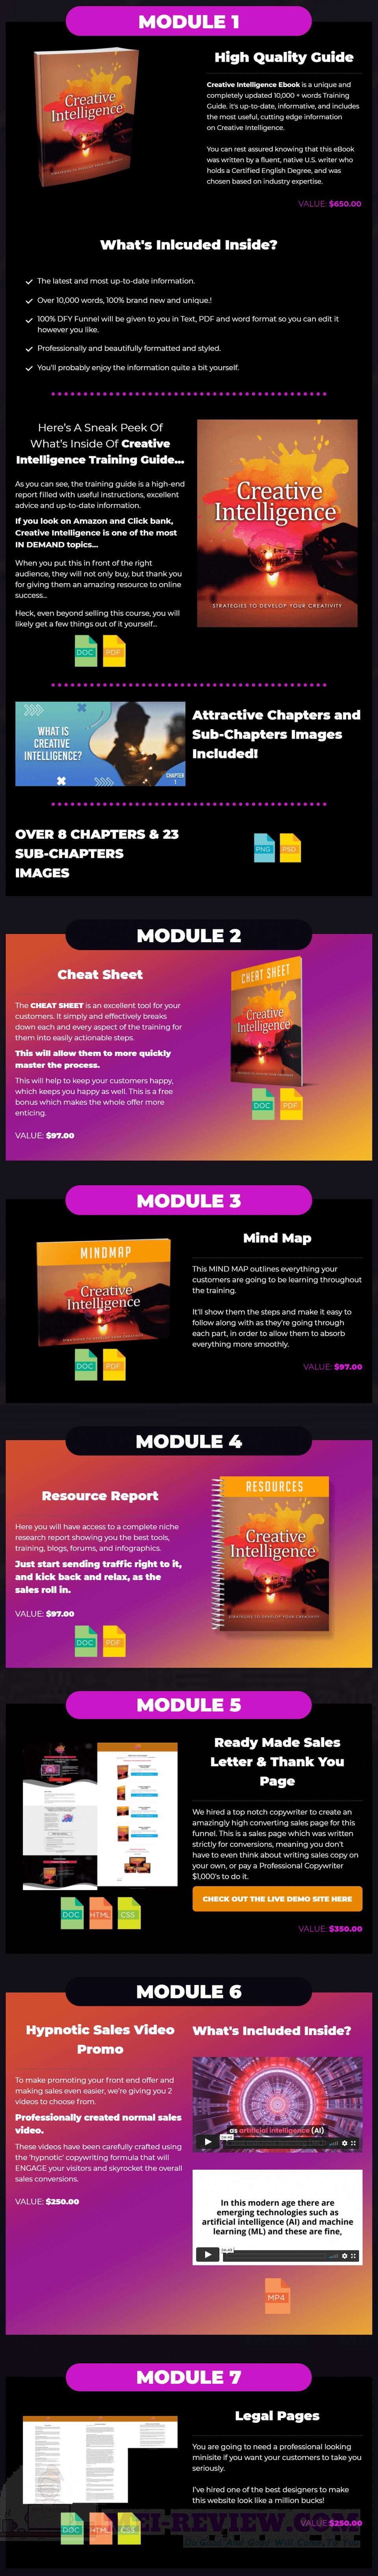 Creative-Intelligence-PLR-feature-1-module